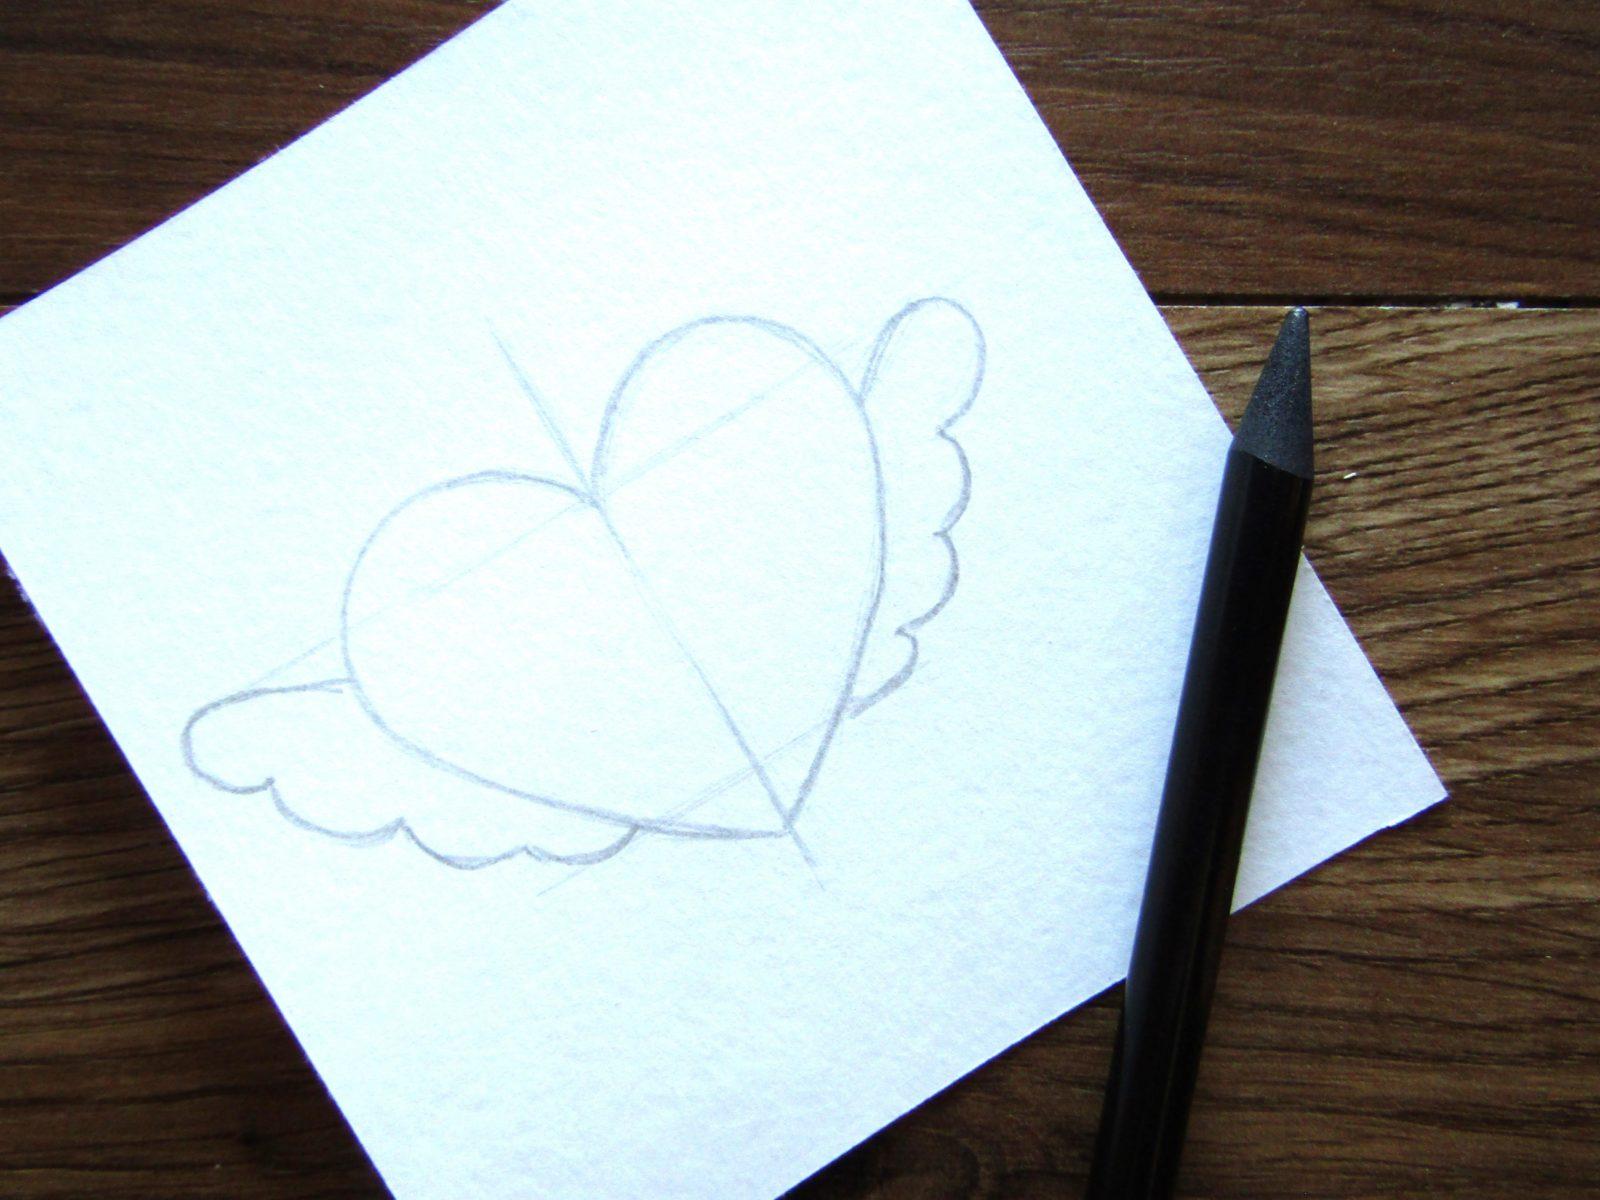 Как нарисовать сердечко гуашью - 3